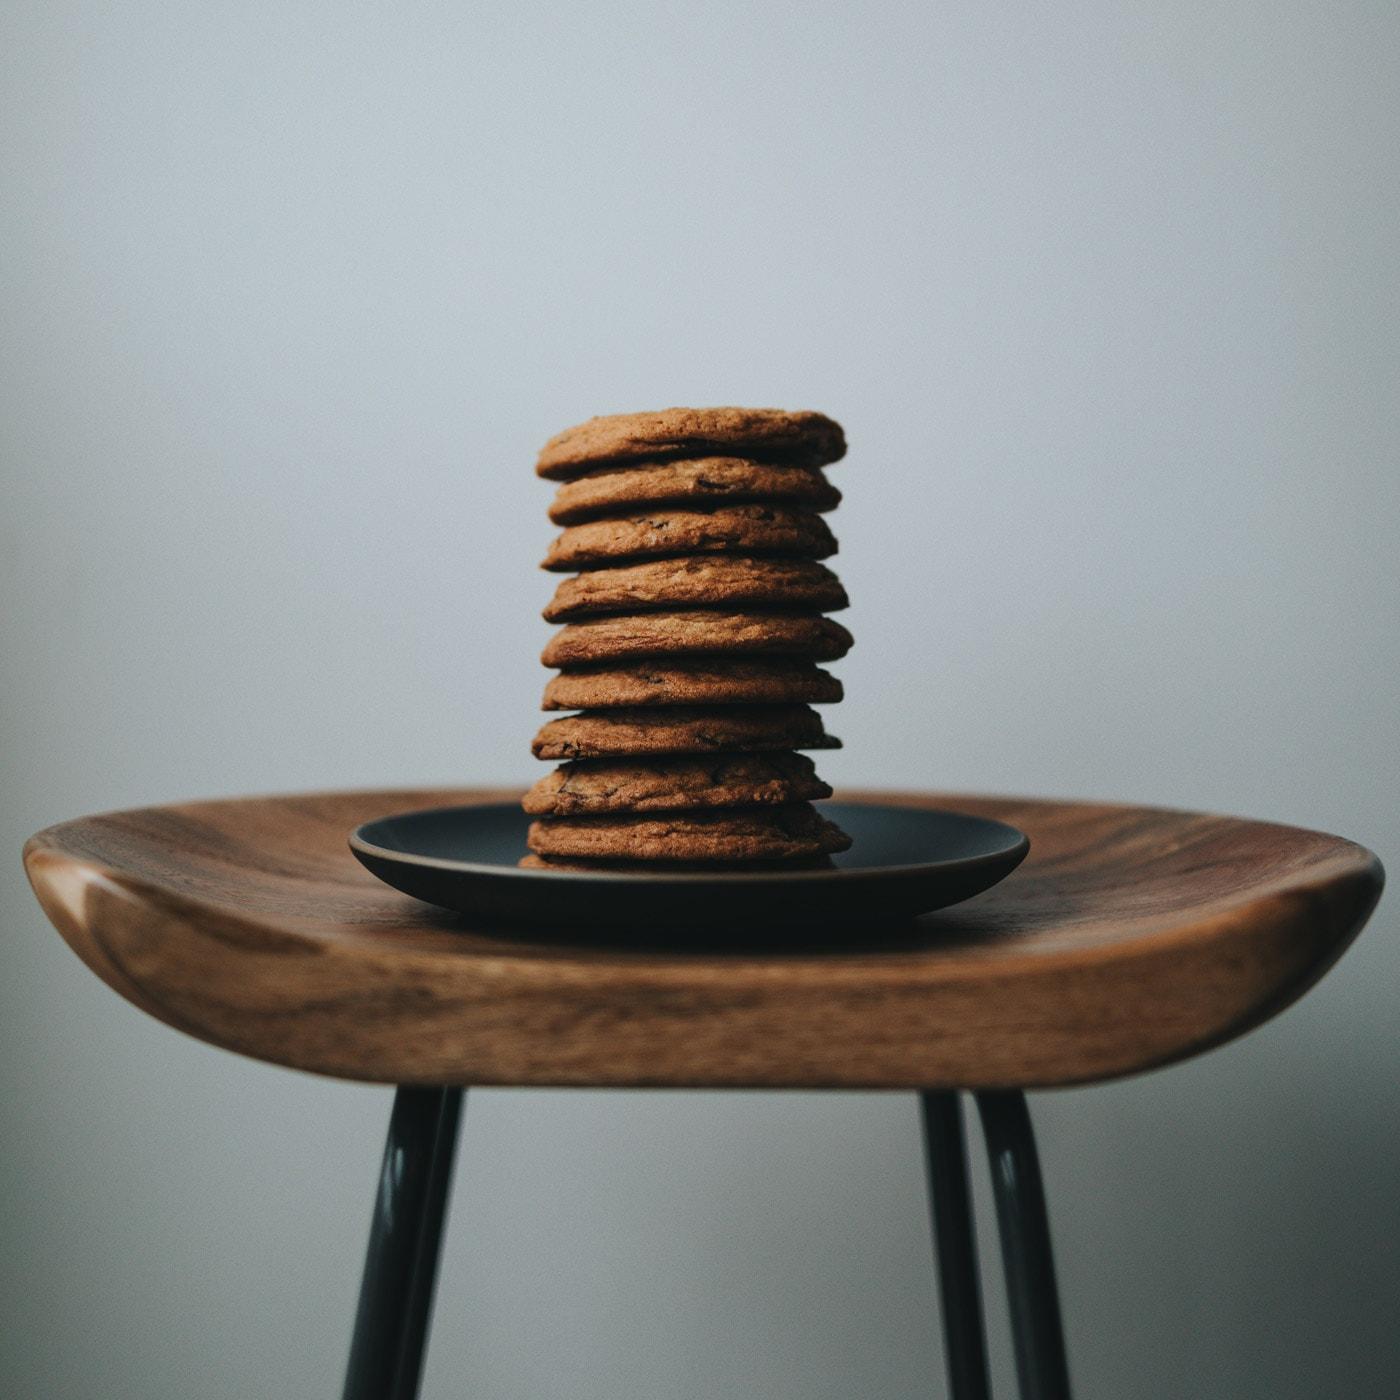 Köstliche Idee für Muttertags-Wochenende: Chocolate-Chip-Cookies mit Cynthia Barcomi backen // HIMBEER